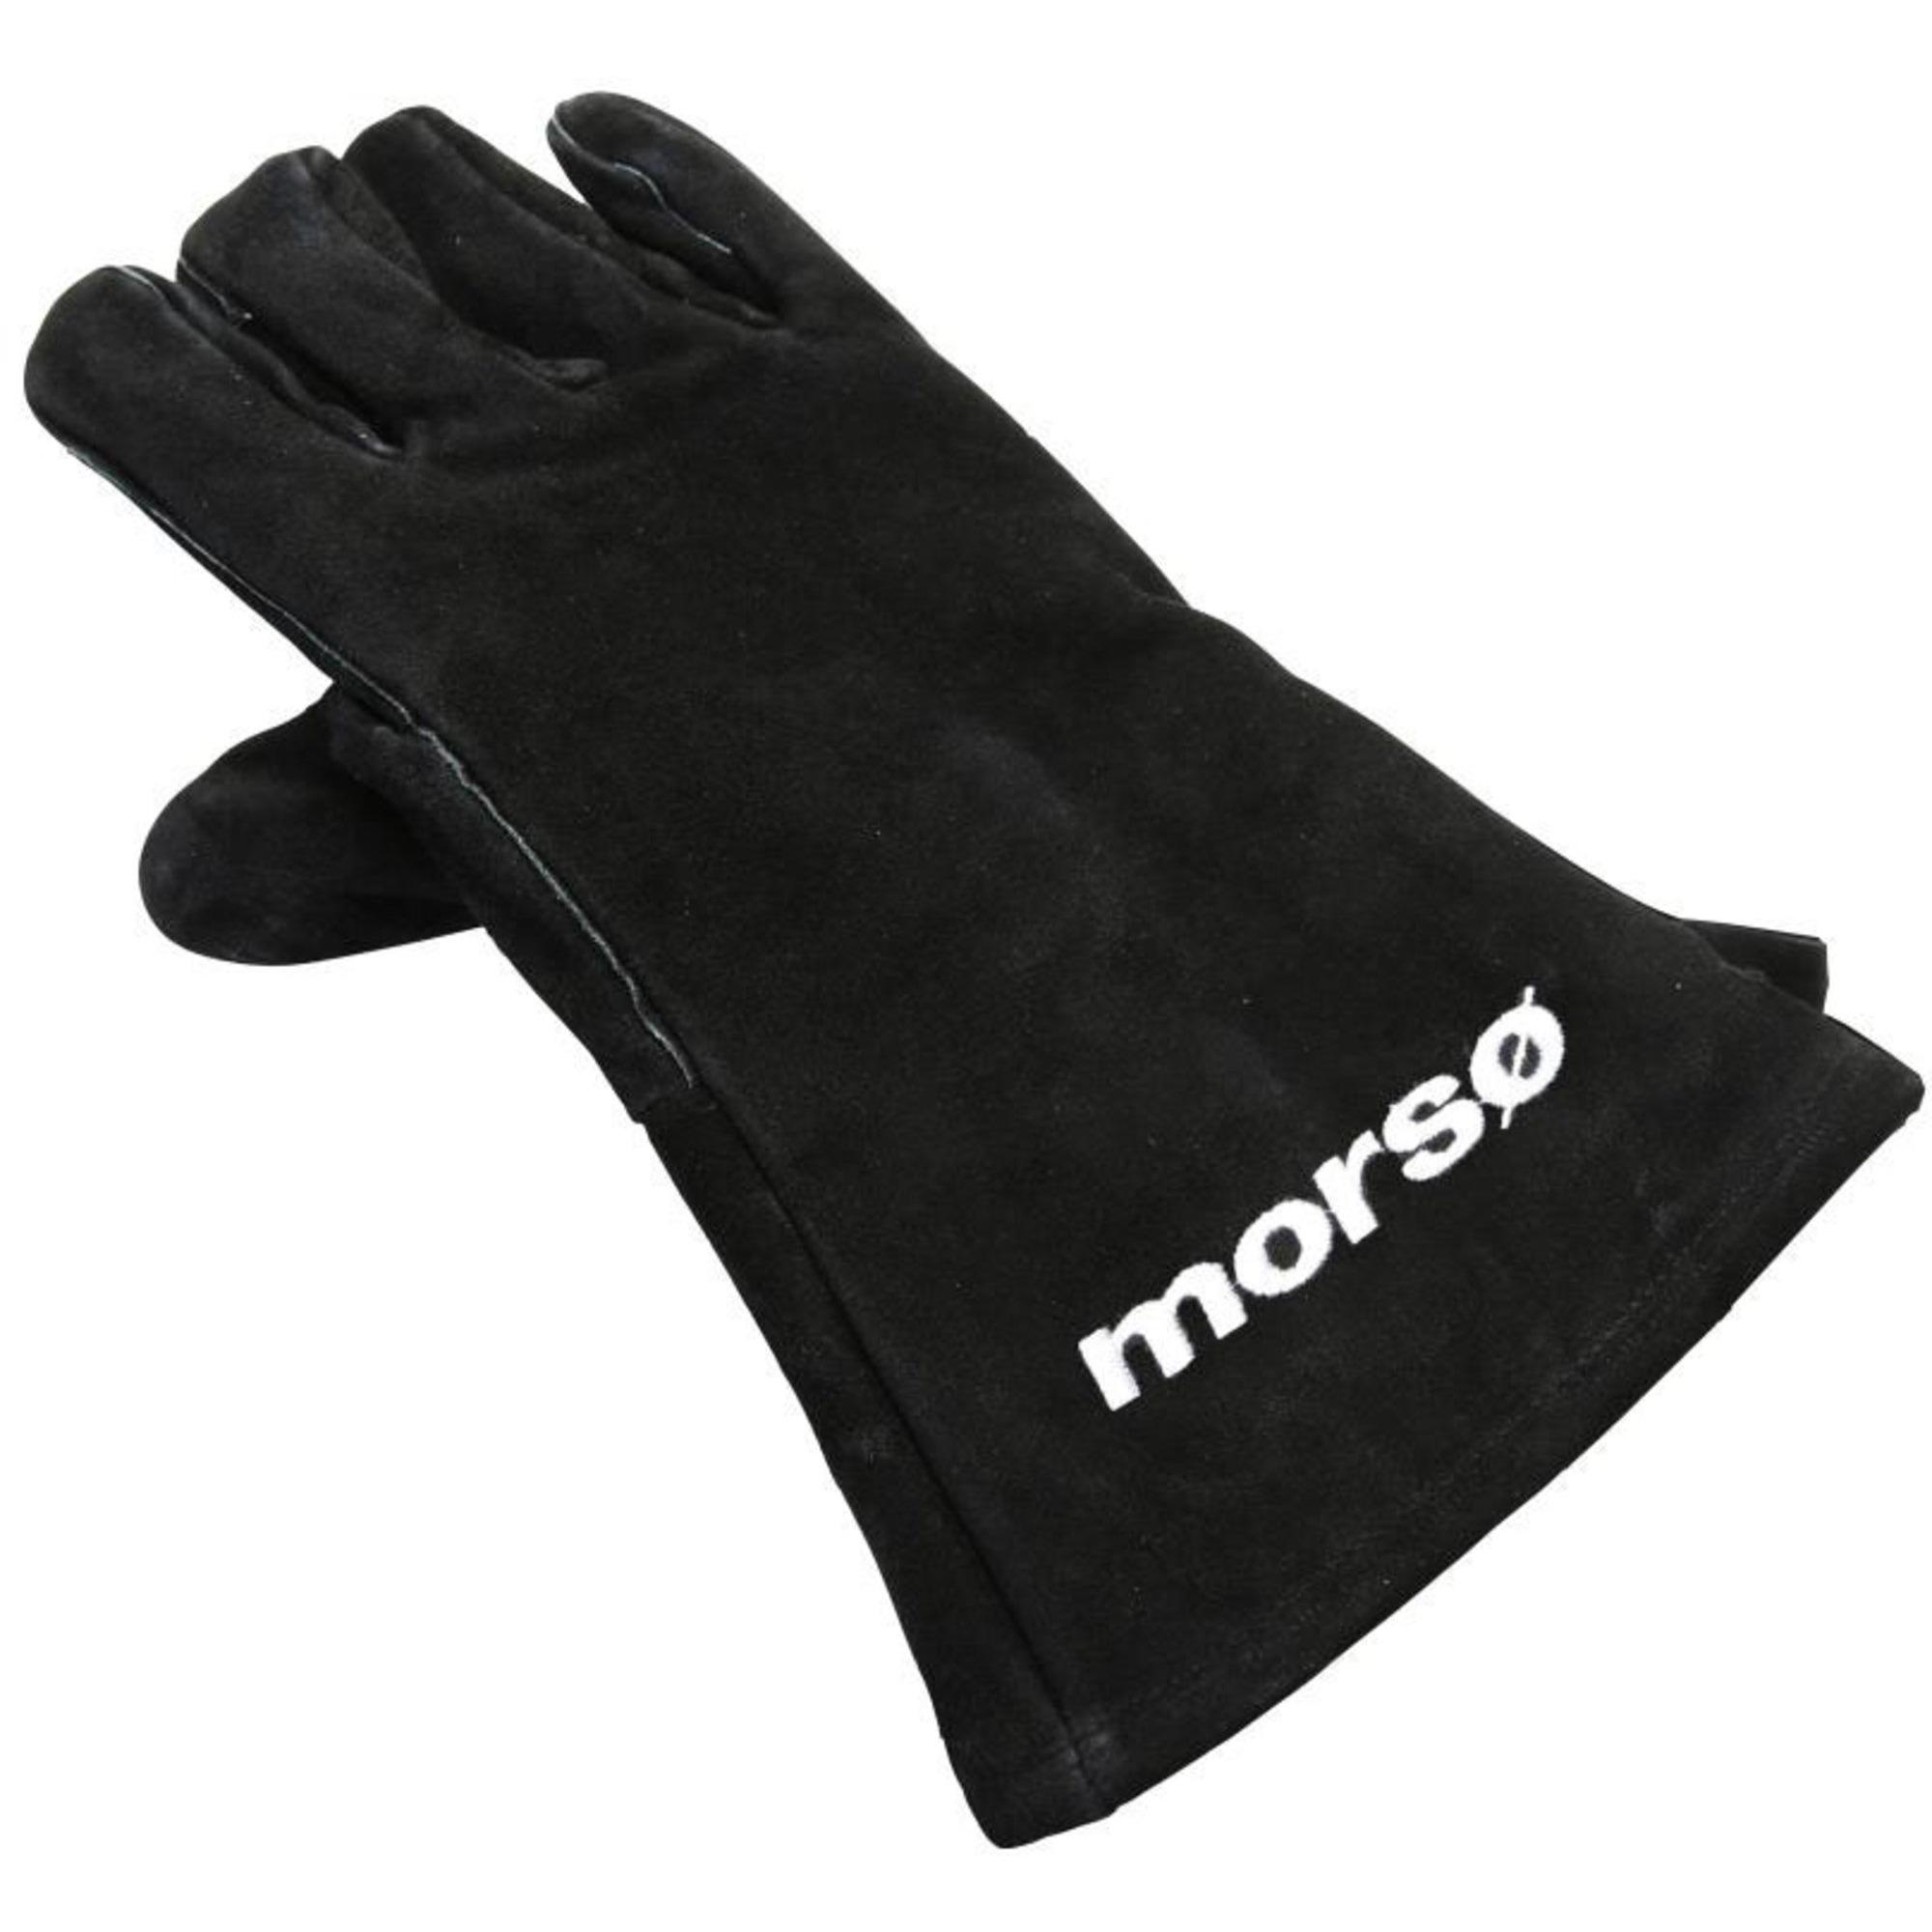 Morsø Handske höger